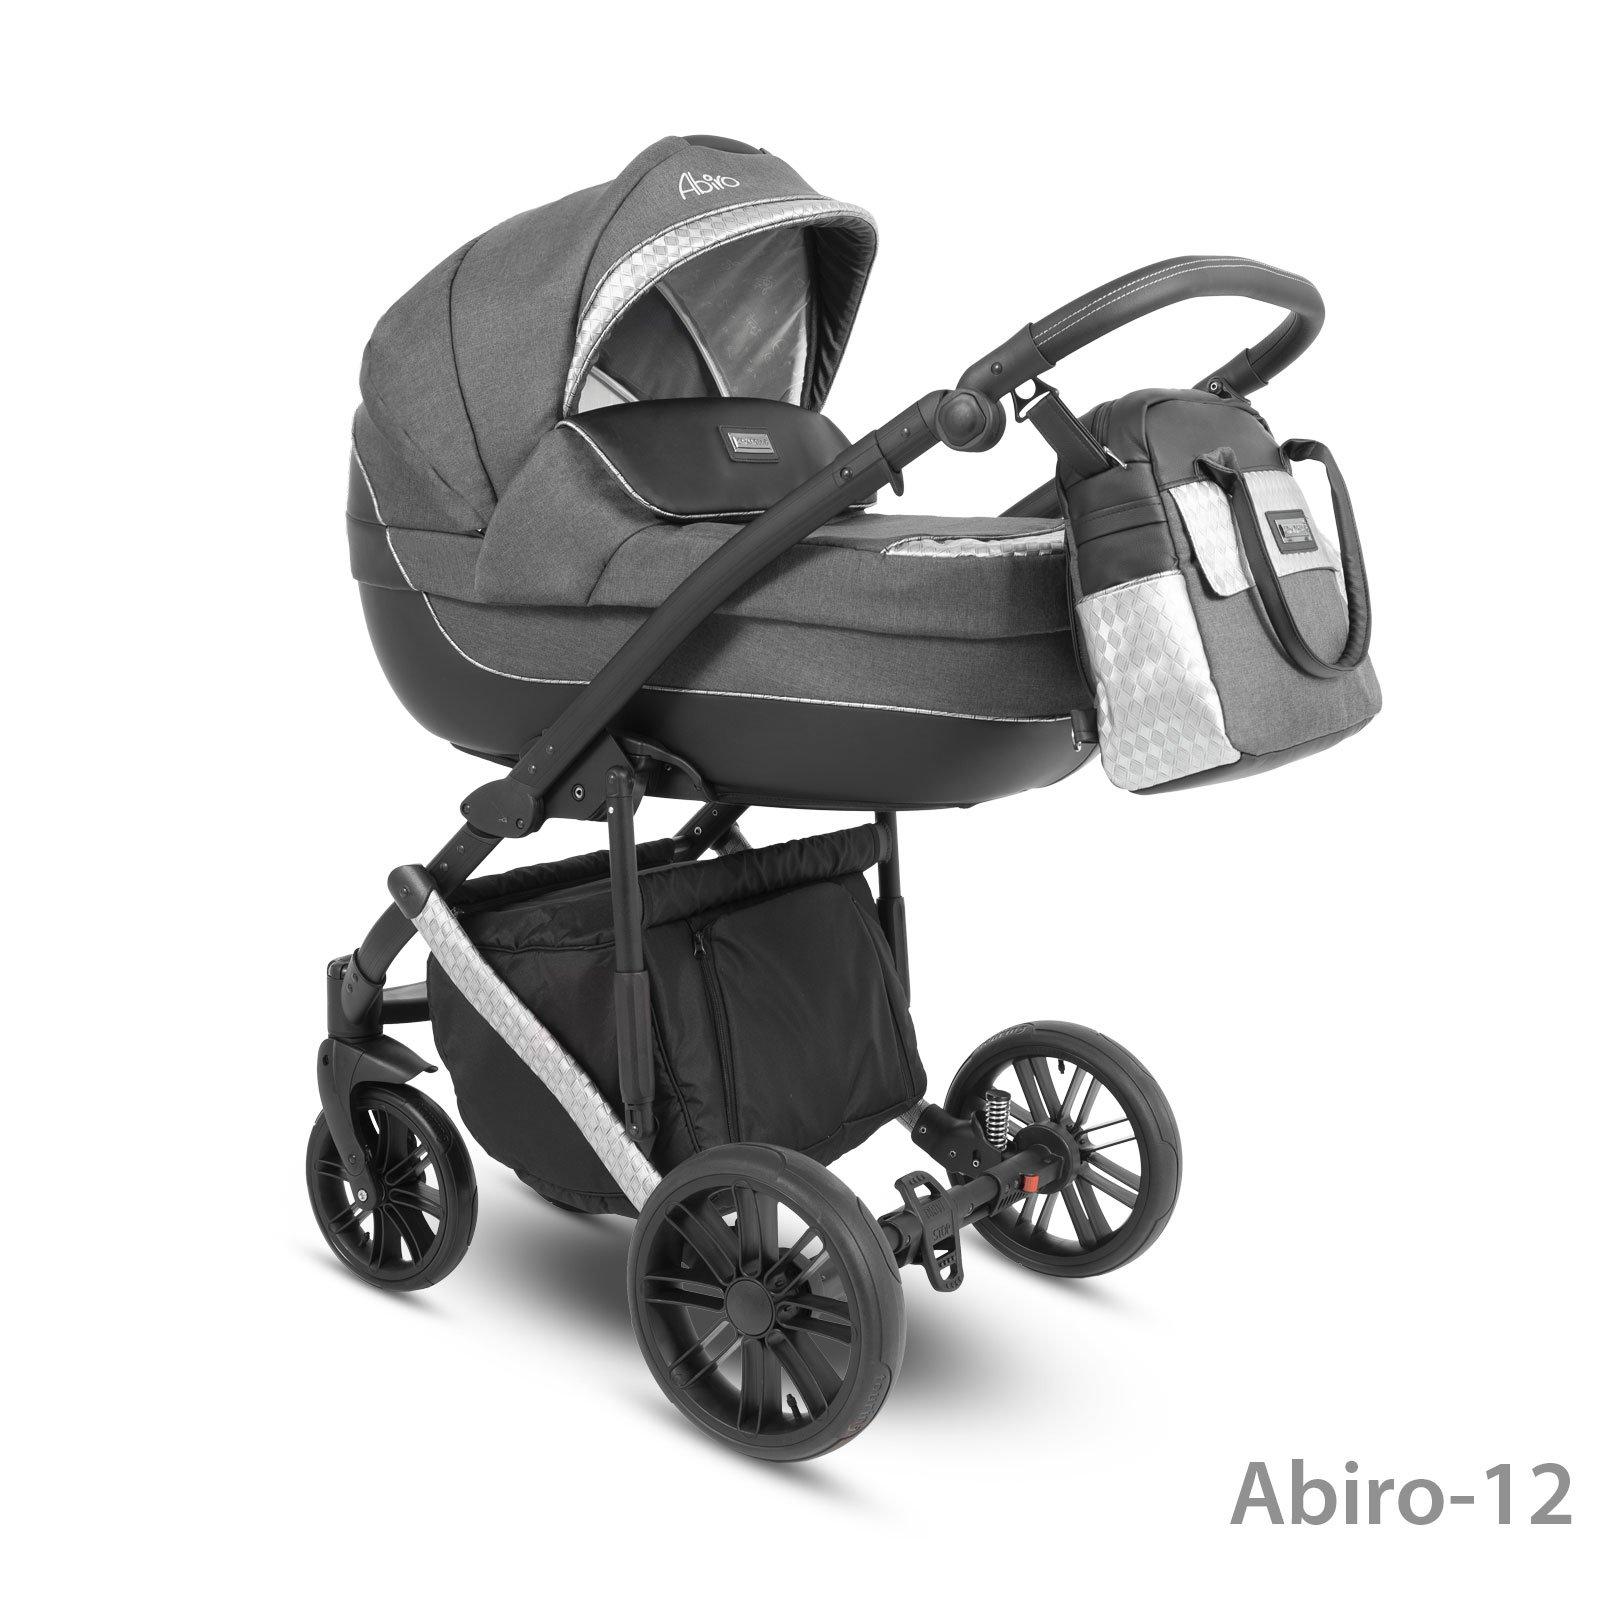 Camarelo Abiro Abiro-12 Bērnu rati 2in1